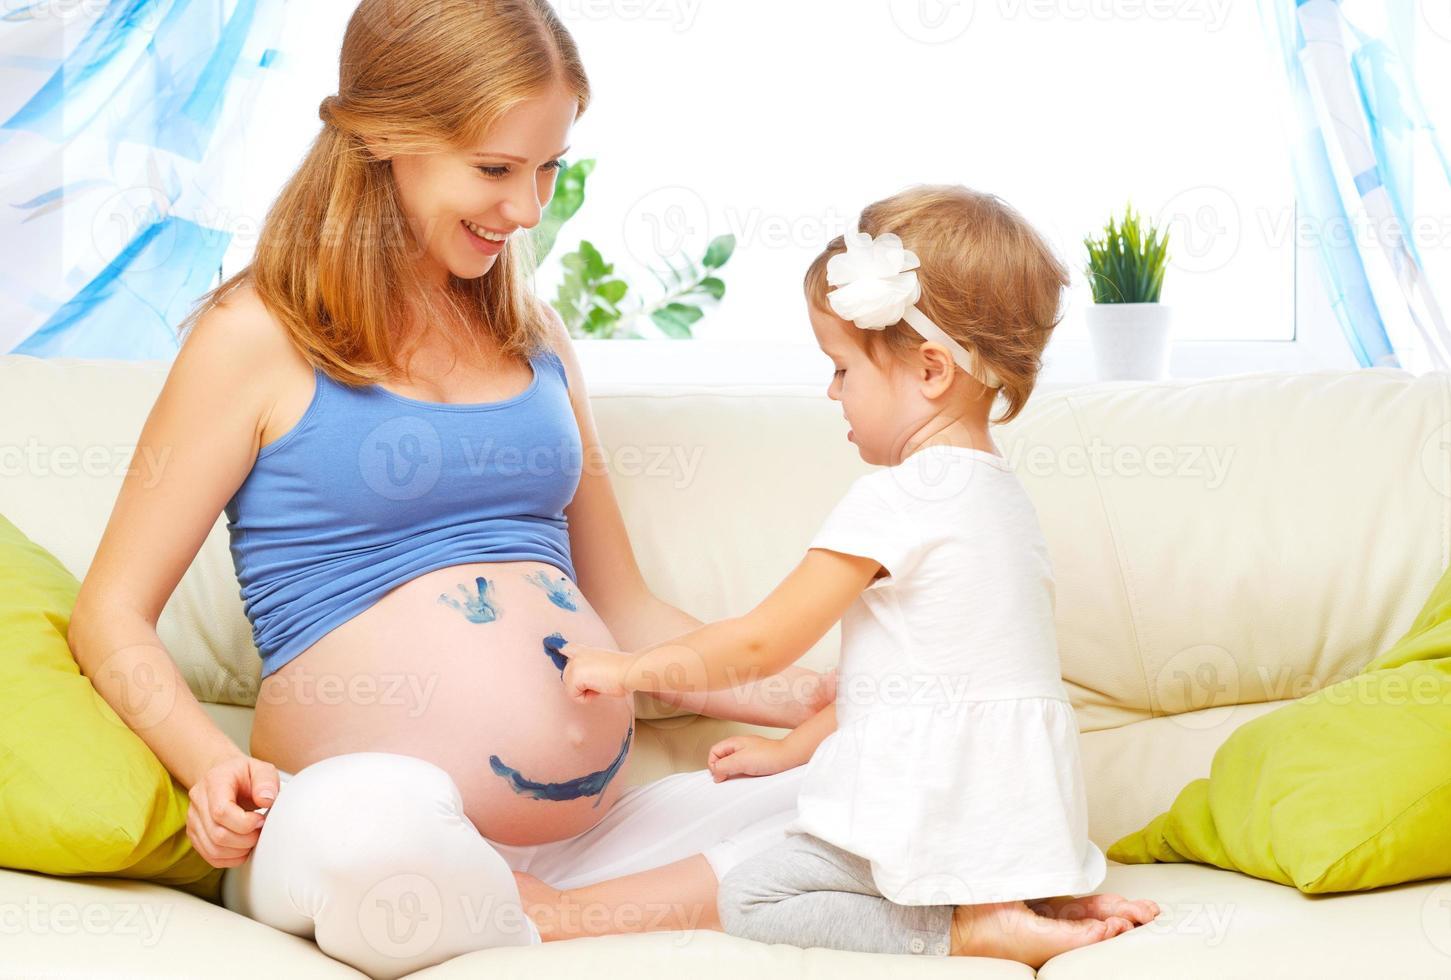 famiglia felice in previsione del bambino. madre e figlio in gravidanza foto